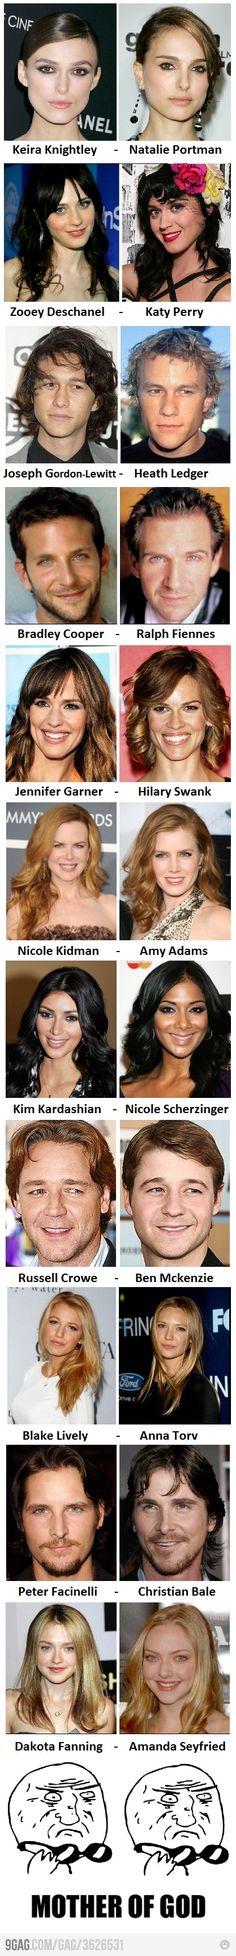 Celebrity #doppelgangers